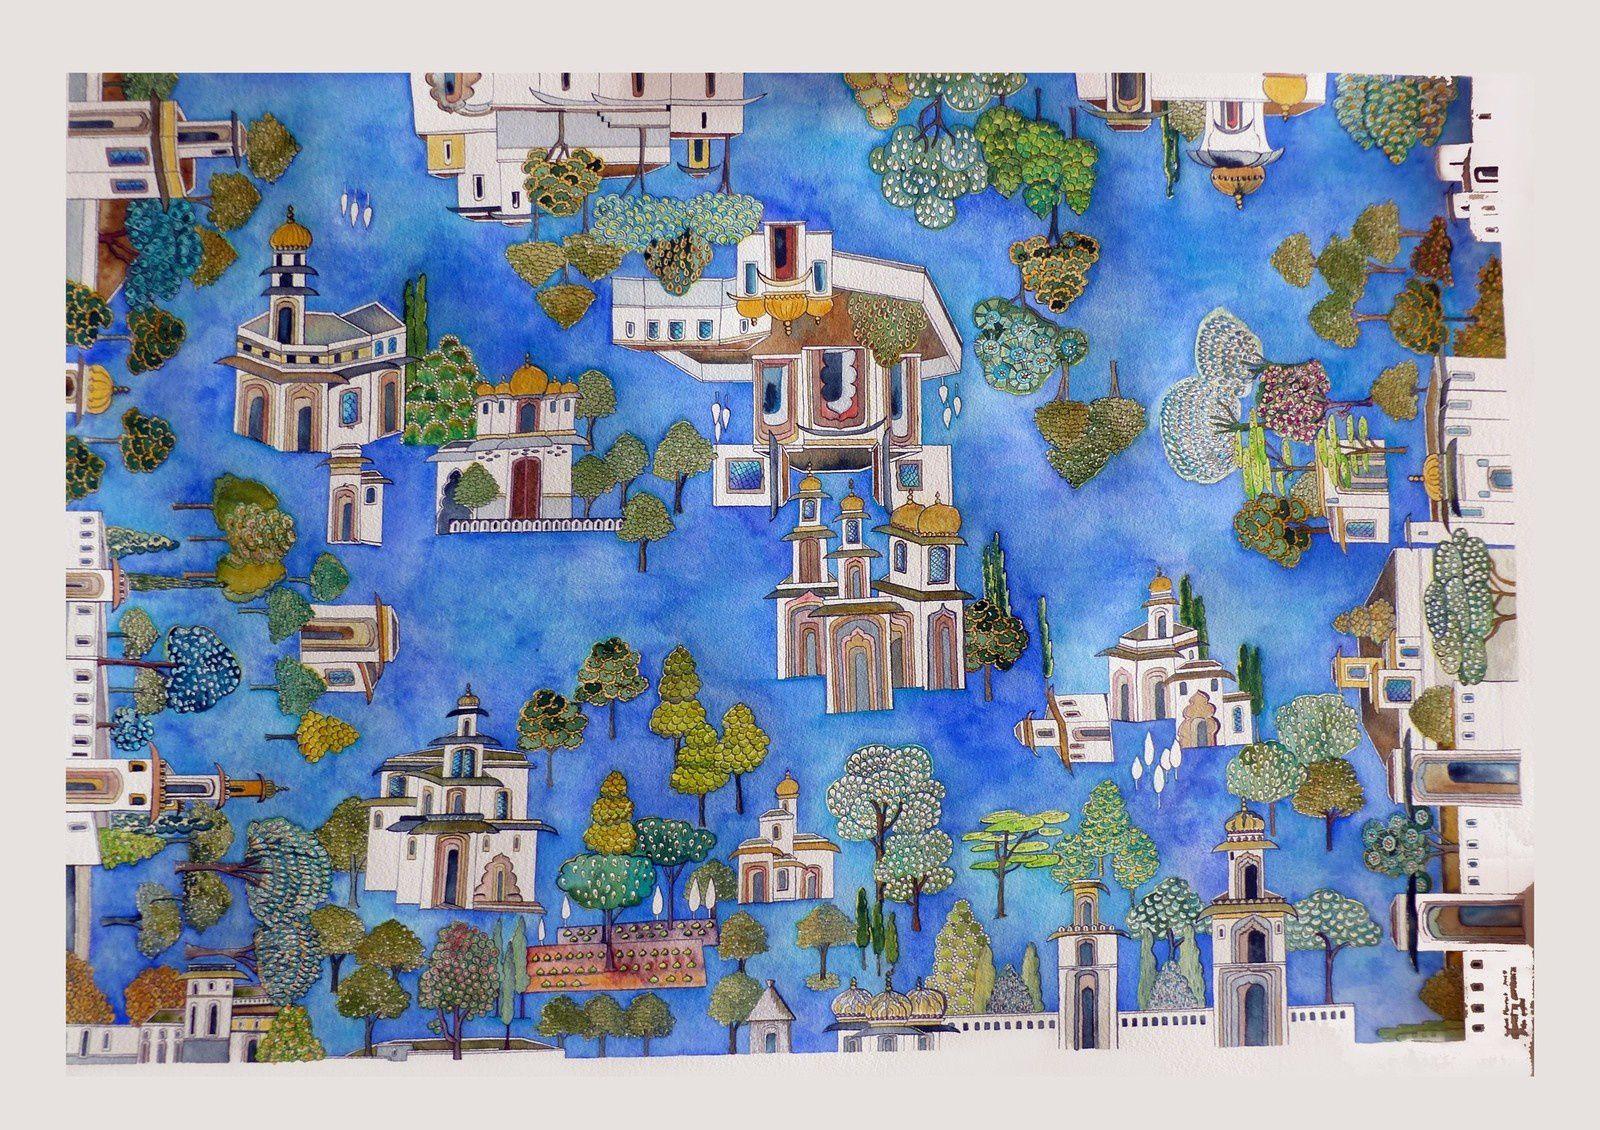 Journées Européennes du Patrimoine : rencontre avec Sylvie Perrot, artiste aquarelliste